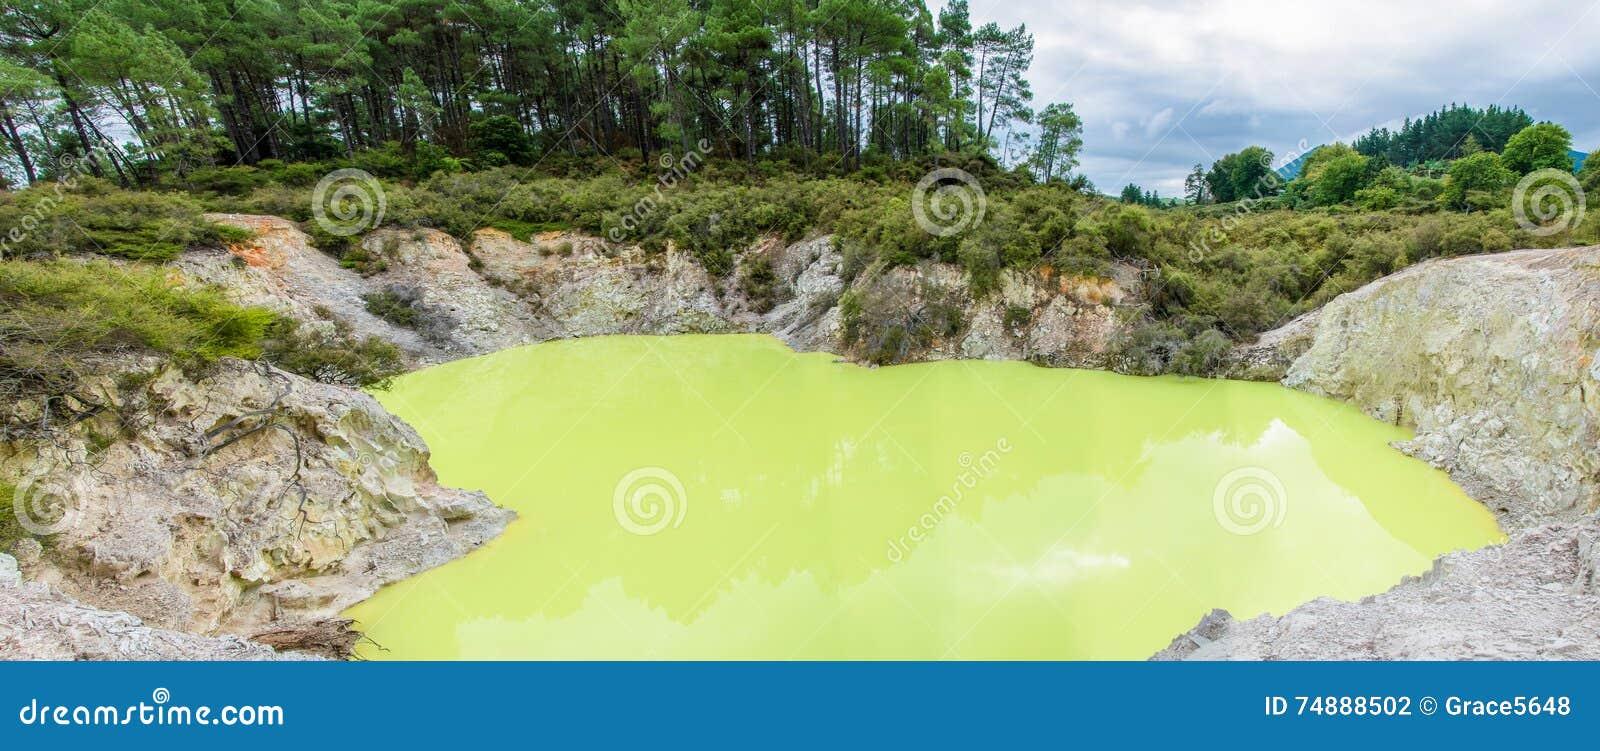 País das maravilhas térmico de Wai-O-Tapu que é ficado situado em Rotorua, Nova Zelândia